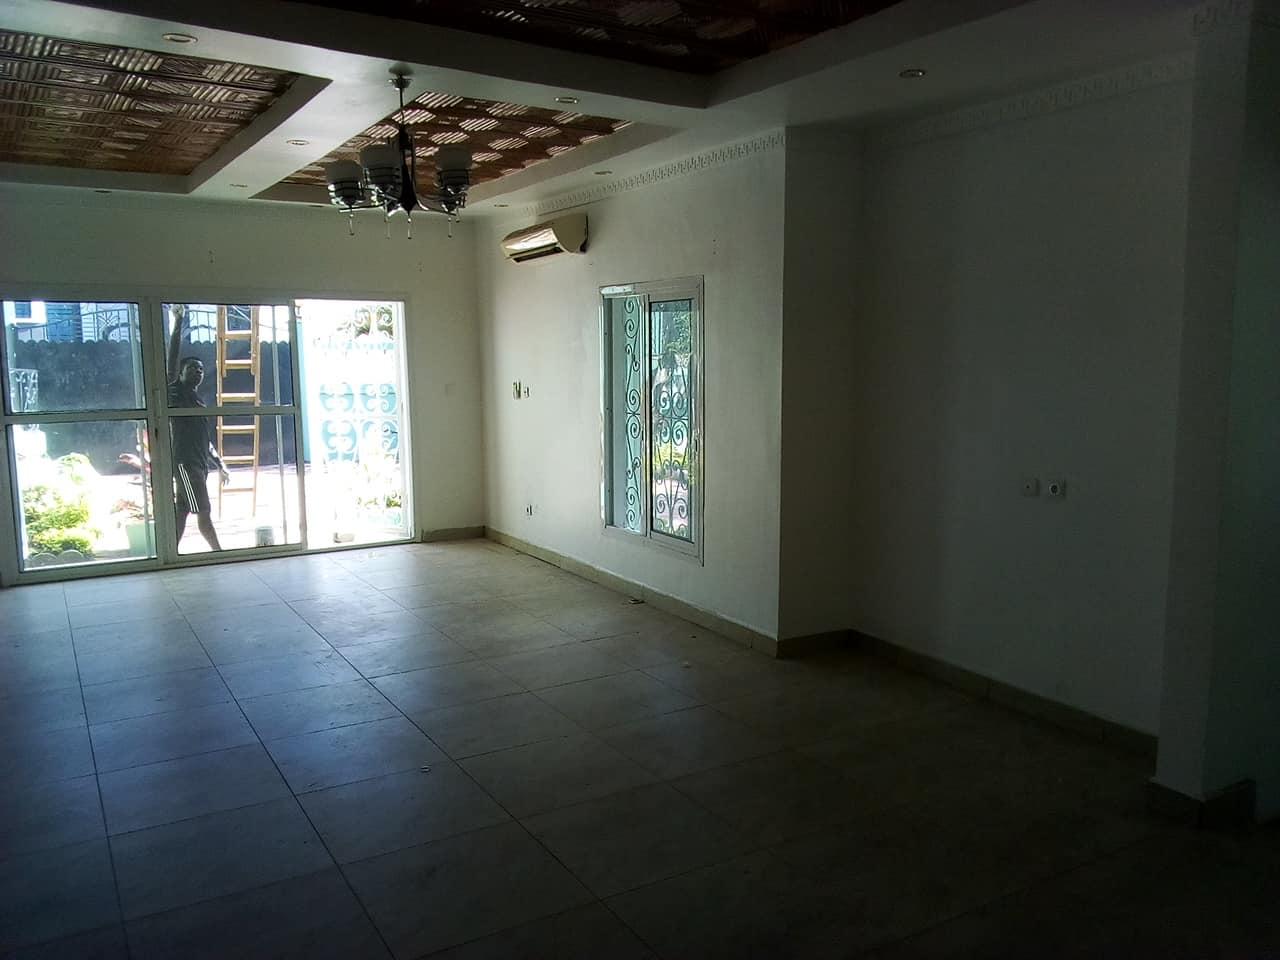 Appartement à louer - Yaoundé, Bastos, GOLF - 1 salon(s), 4 chambre(s), 4 salle(s) de bains - 1 300 000 FCFA / mois